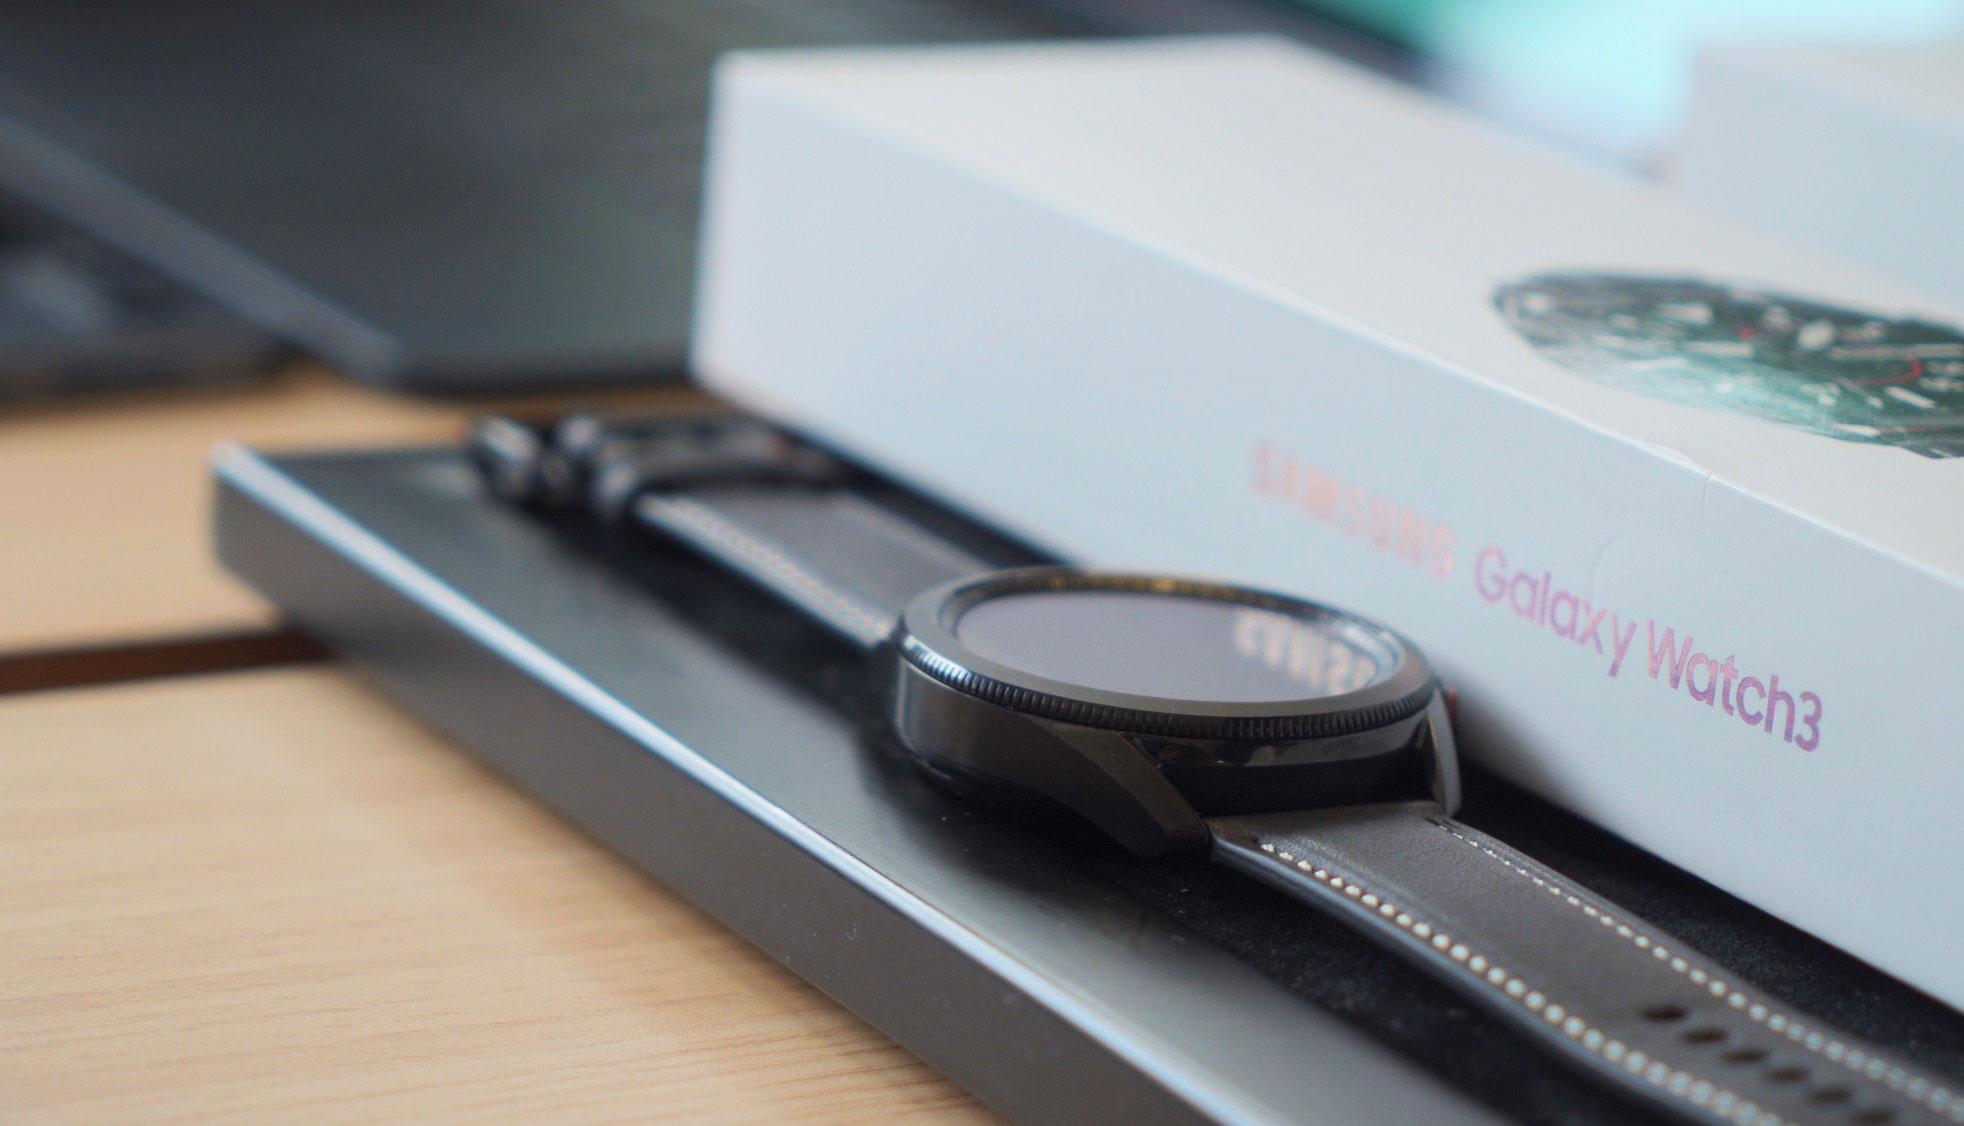 Le modèle noir de la Galaxy Watch 3